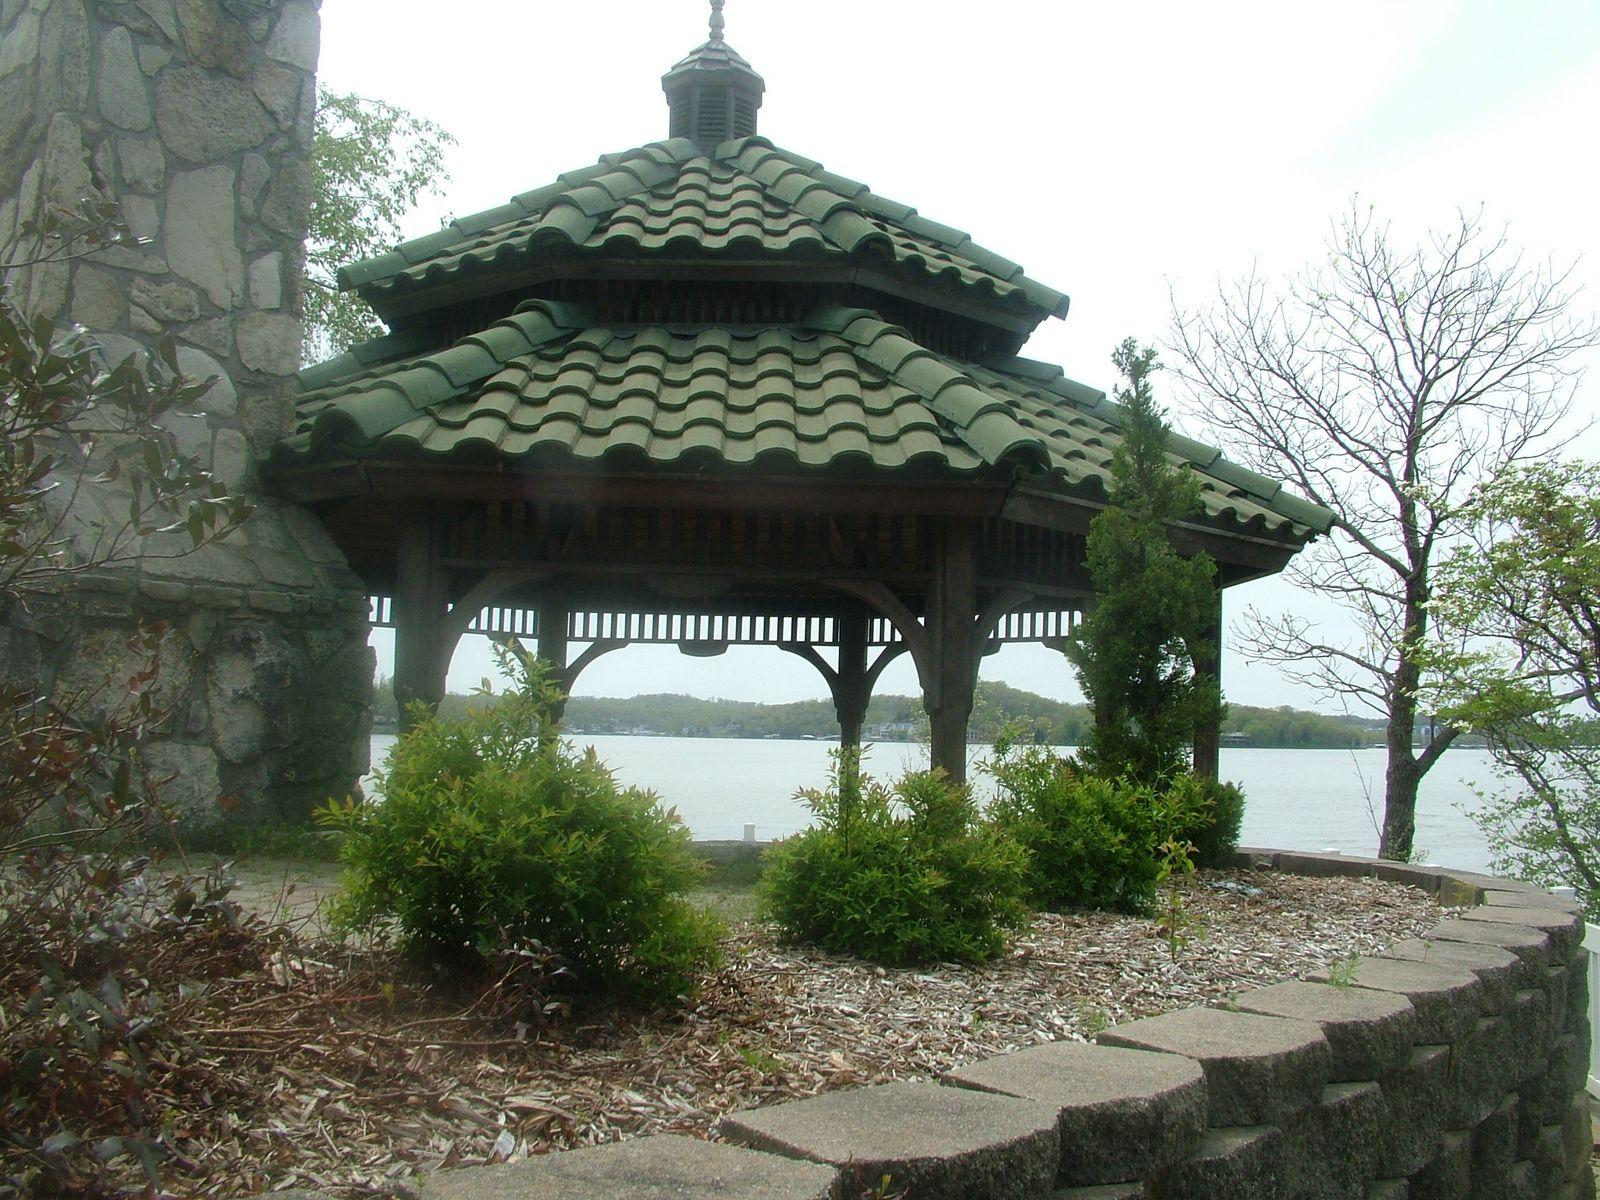 The Gazebo overlooking the Lake.